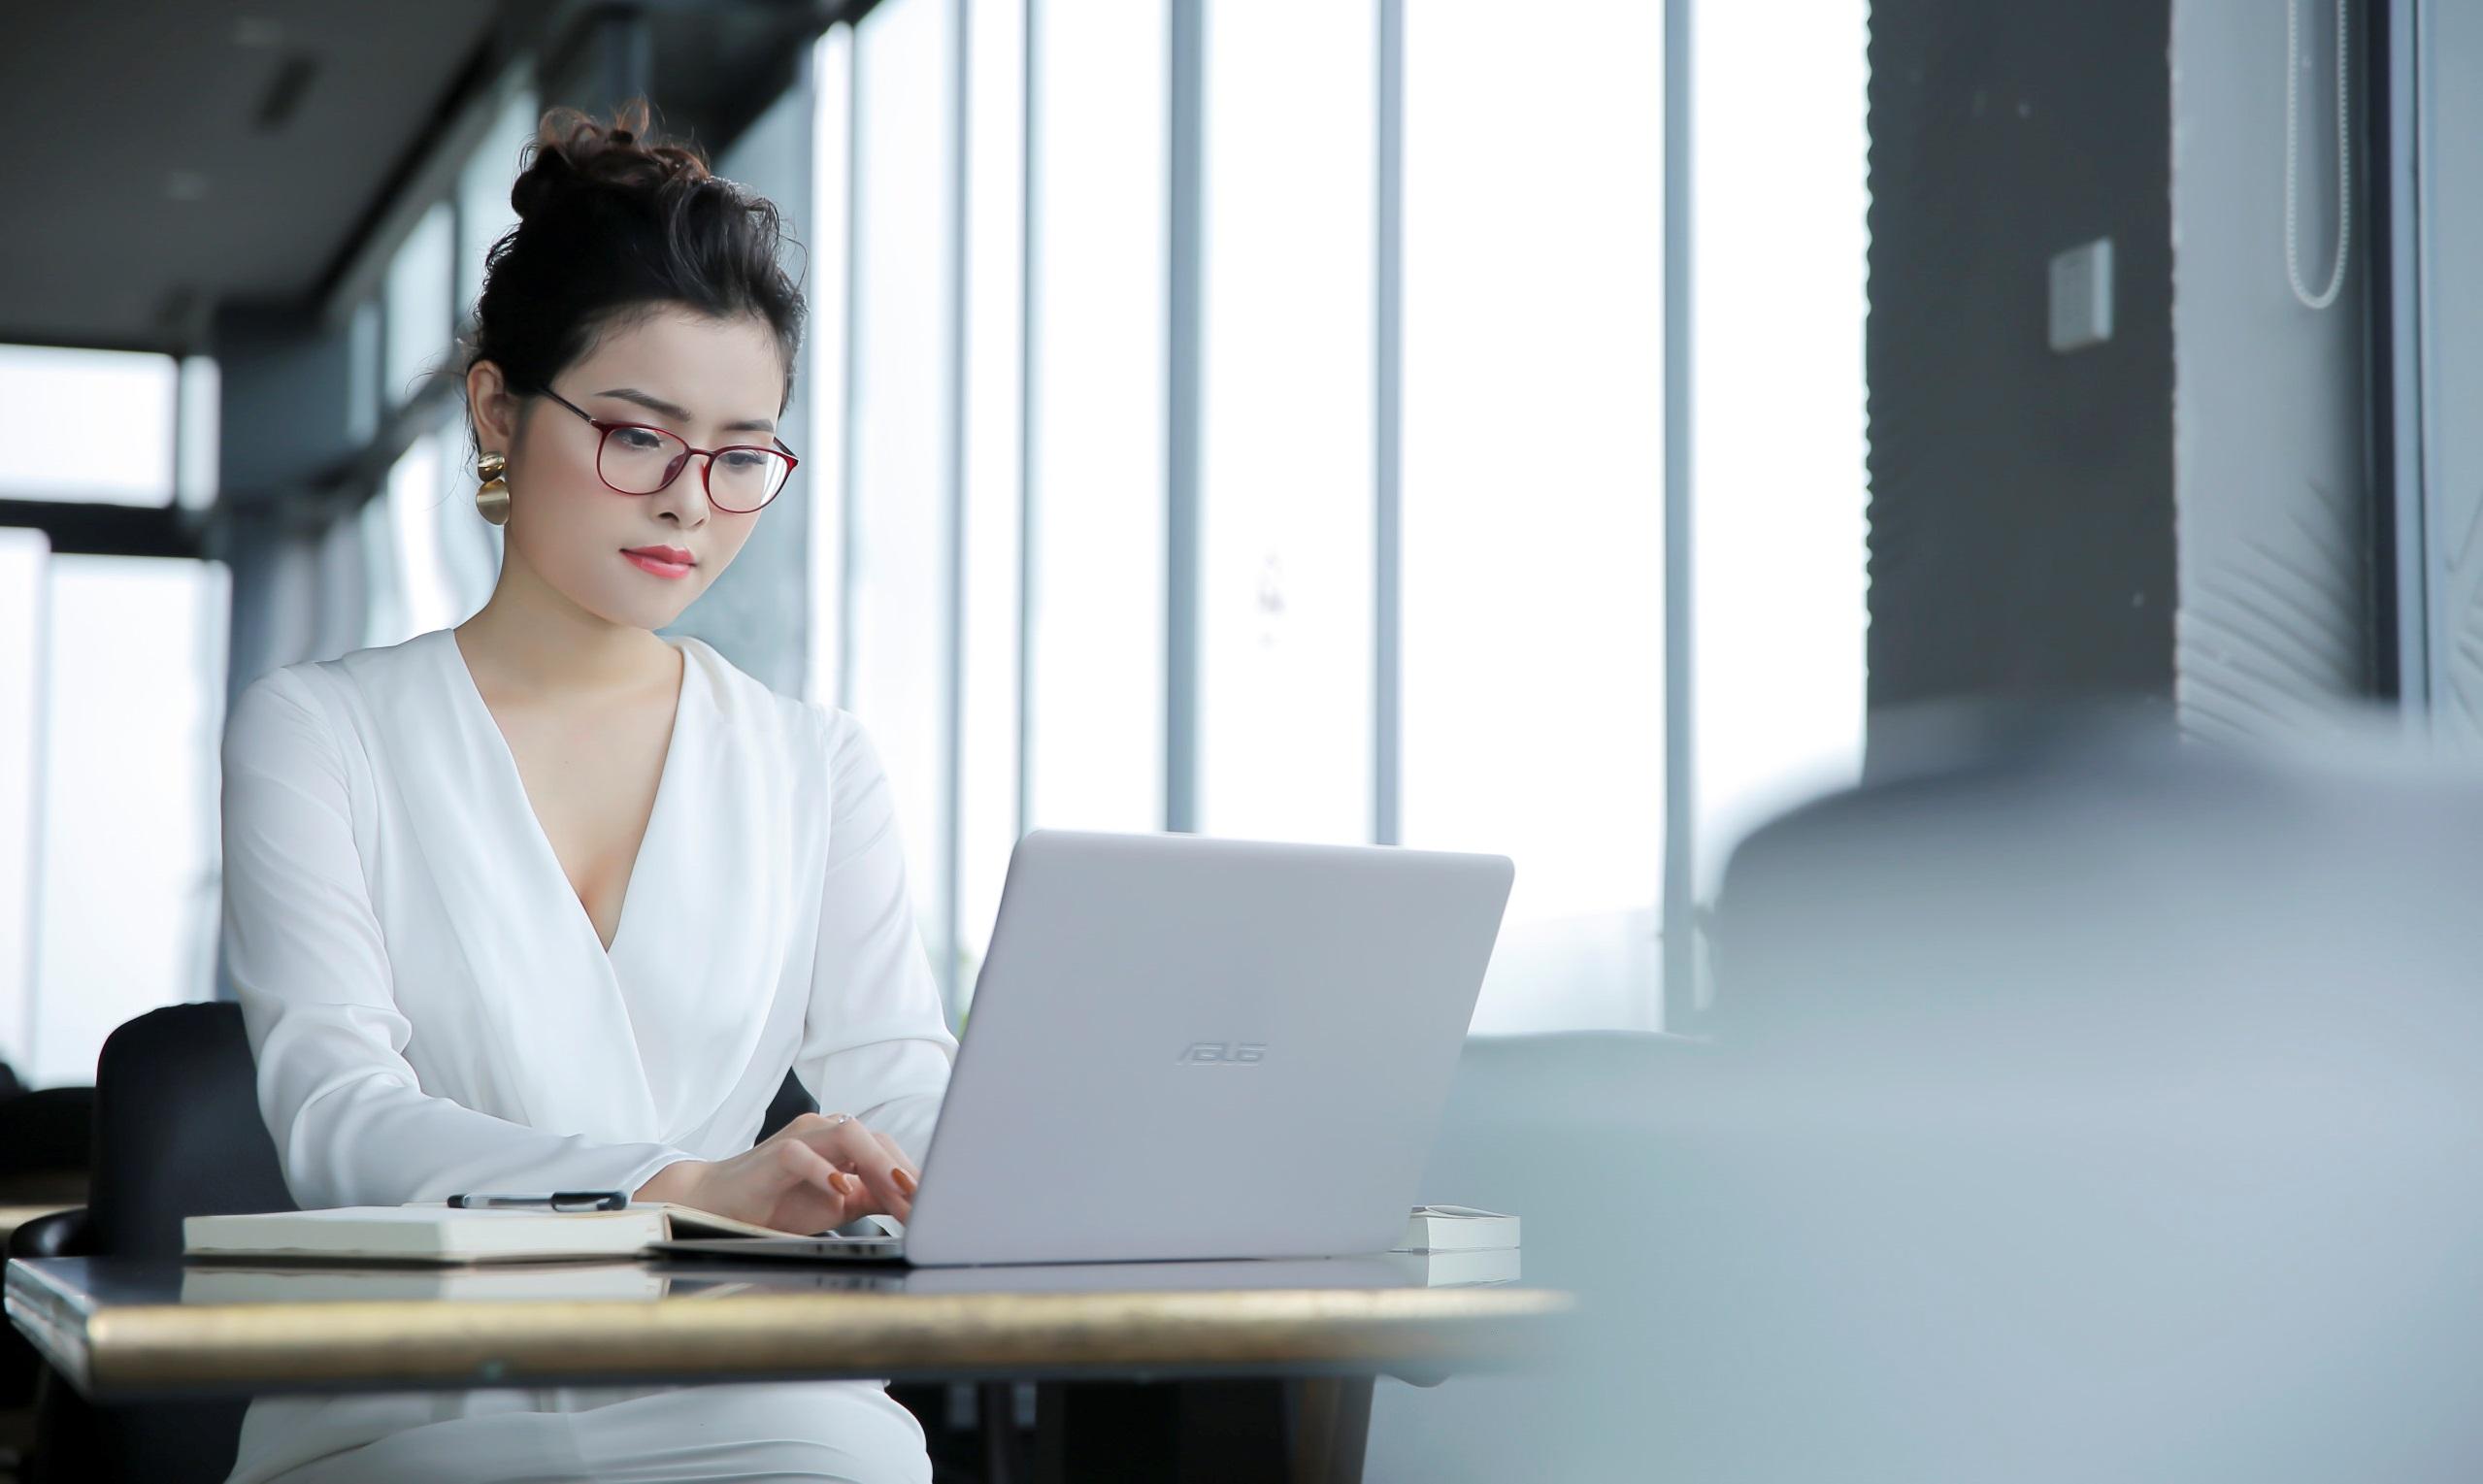 """CEO Hoàng Hạnh: Từ mẹ bỉm sữa """"tay không"""" trở thành diễn giả truyền cảm hứng tới hàng ngàn phụ nữ"""